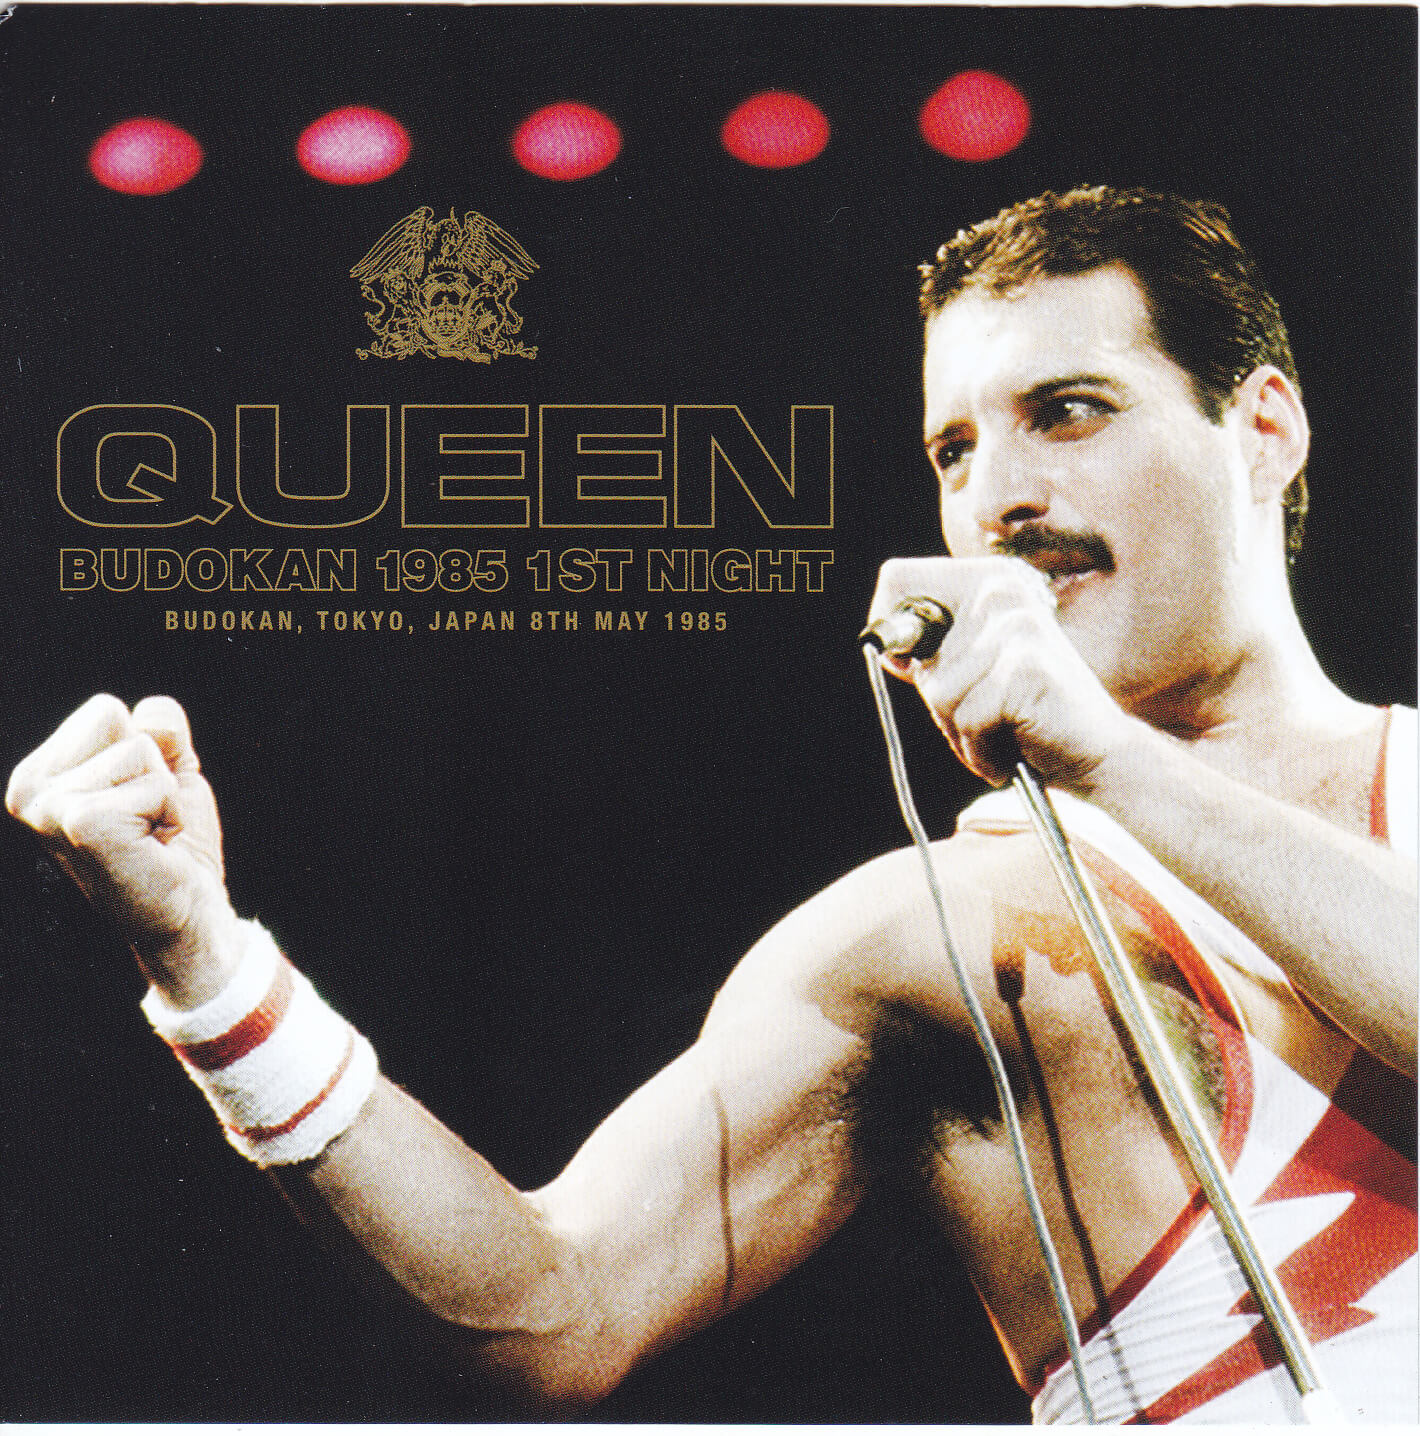 Queen / Budokan 1985 1st Night / 2CD – GiGinJapan